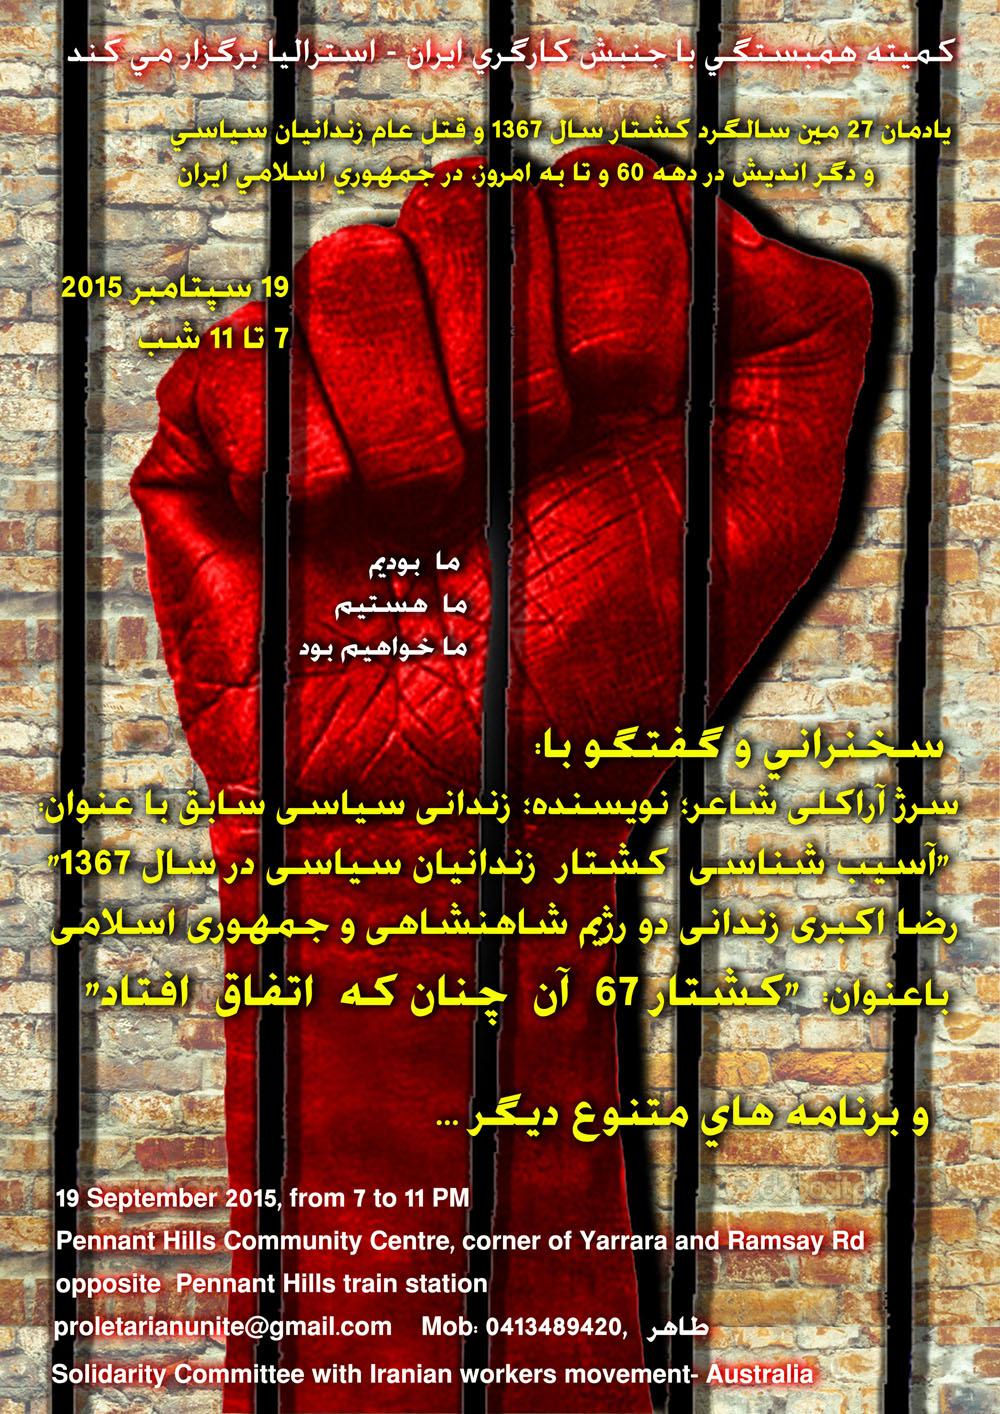 مراسم یادمان كشتار زندانیان سیاسی وعقیدتی در جمهوری اسلامی ایران- سیدنی استرالیا